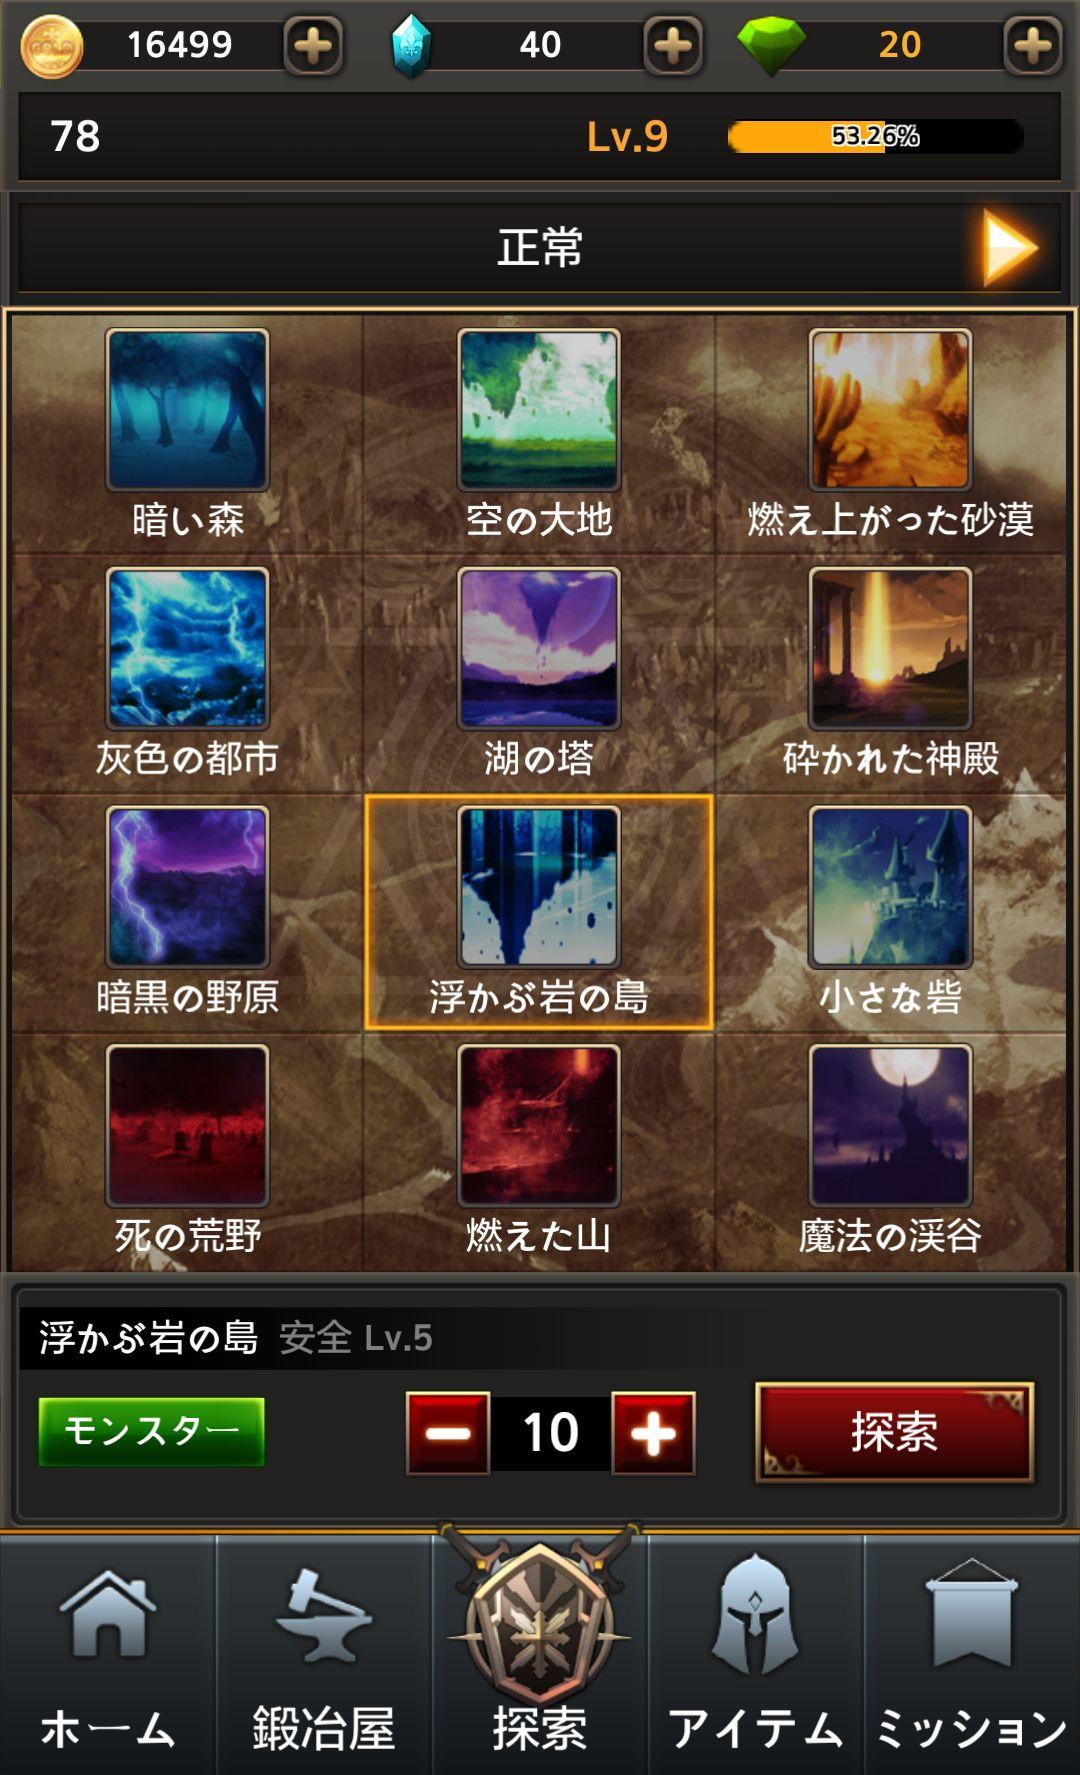 androidアプリ ドラゴンと迷宮攻略スクリーンショット1